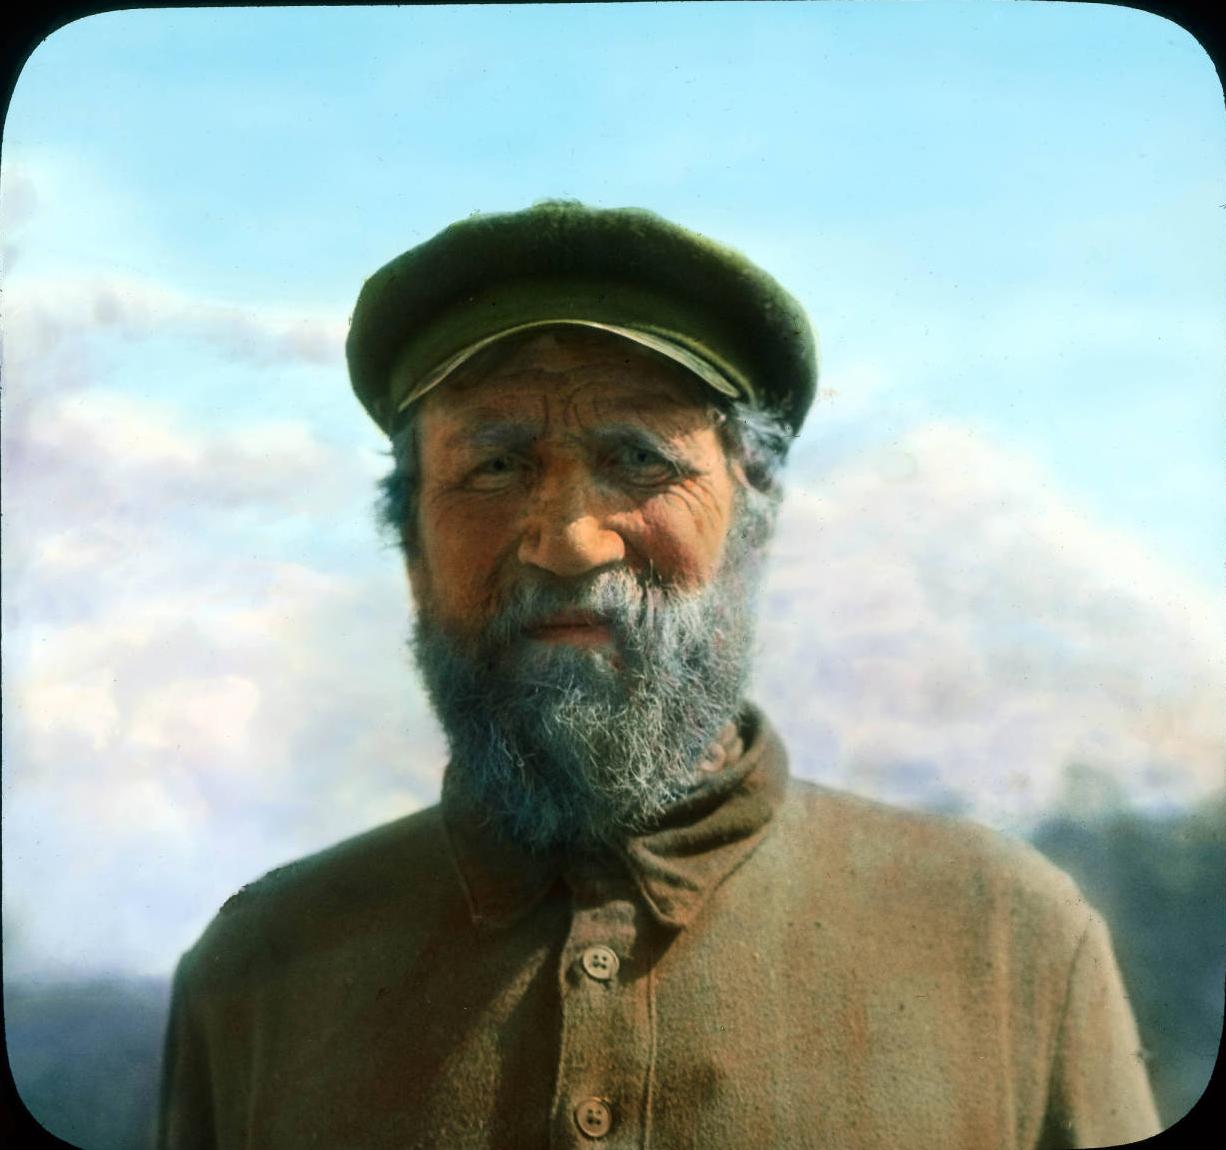 Москва. Портрет старика в традиционной крестьянской одежде